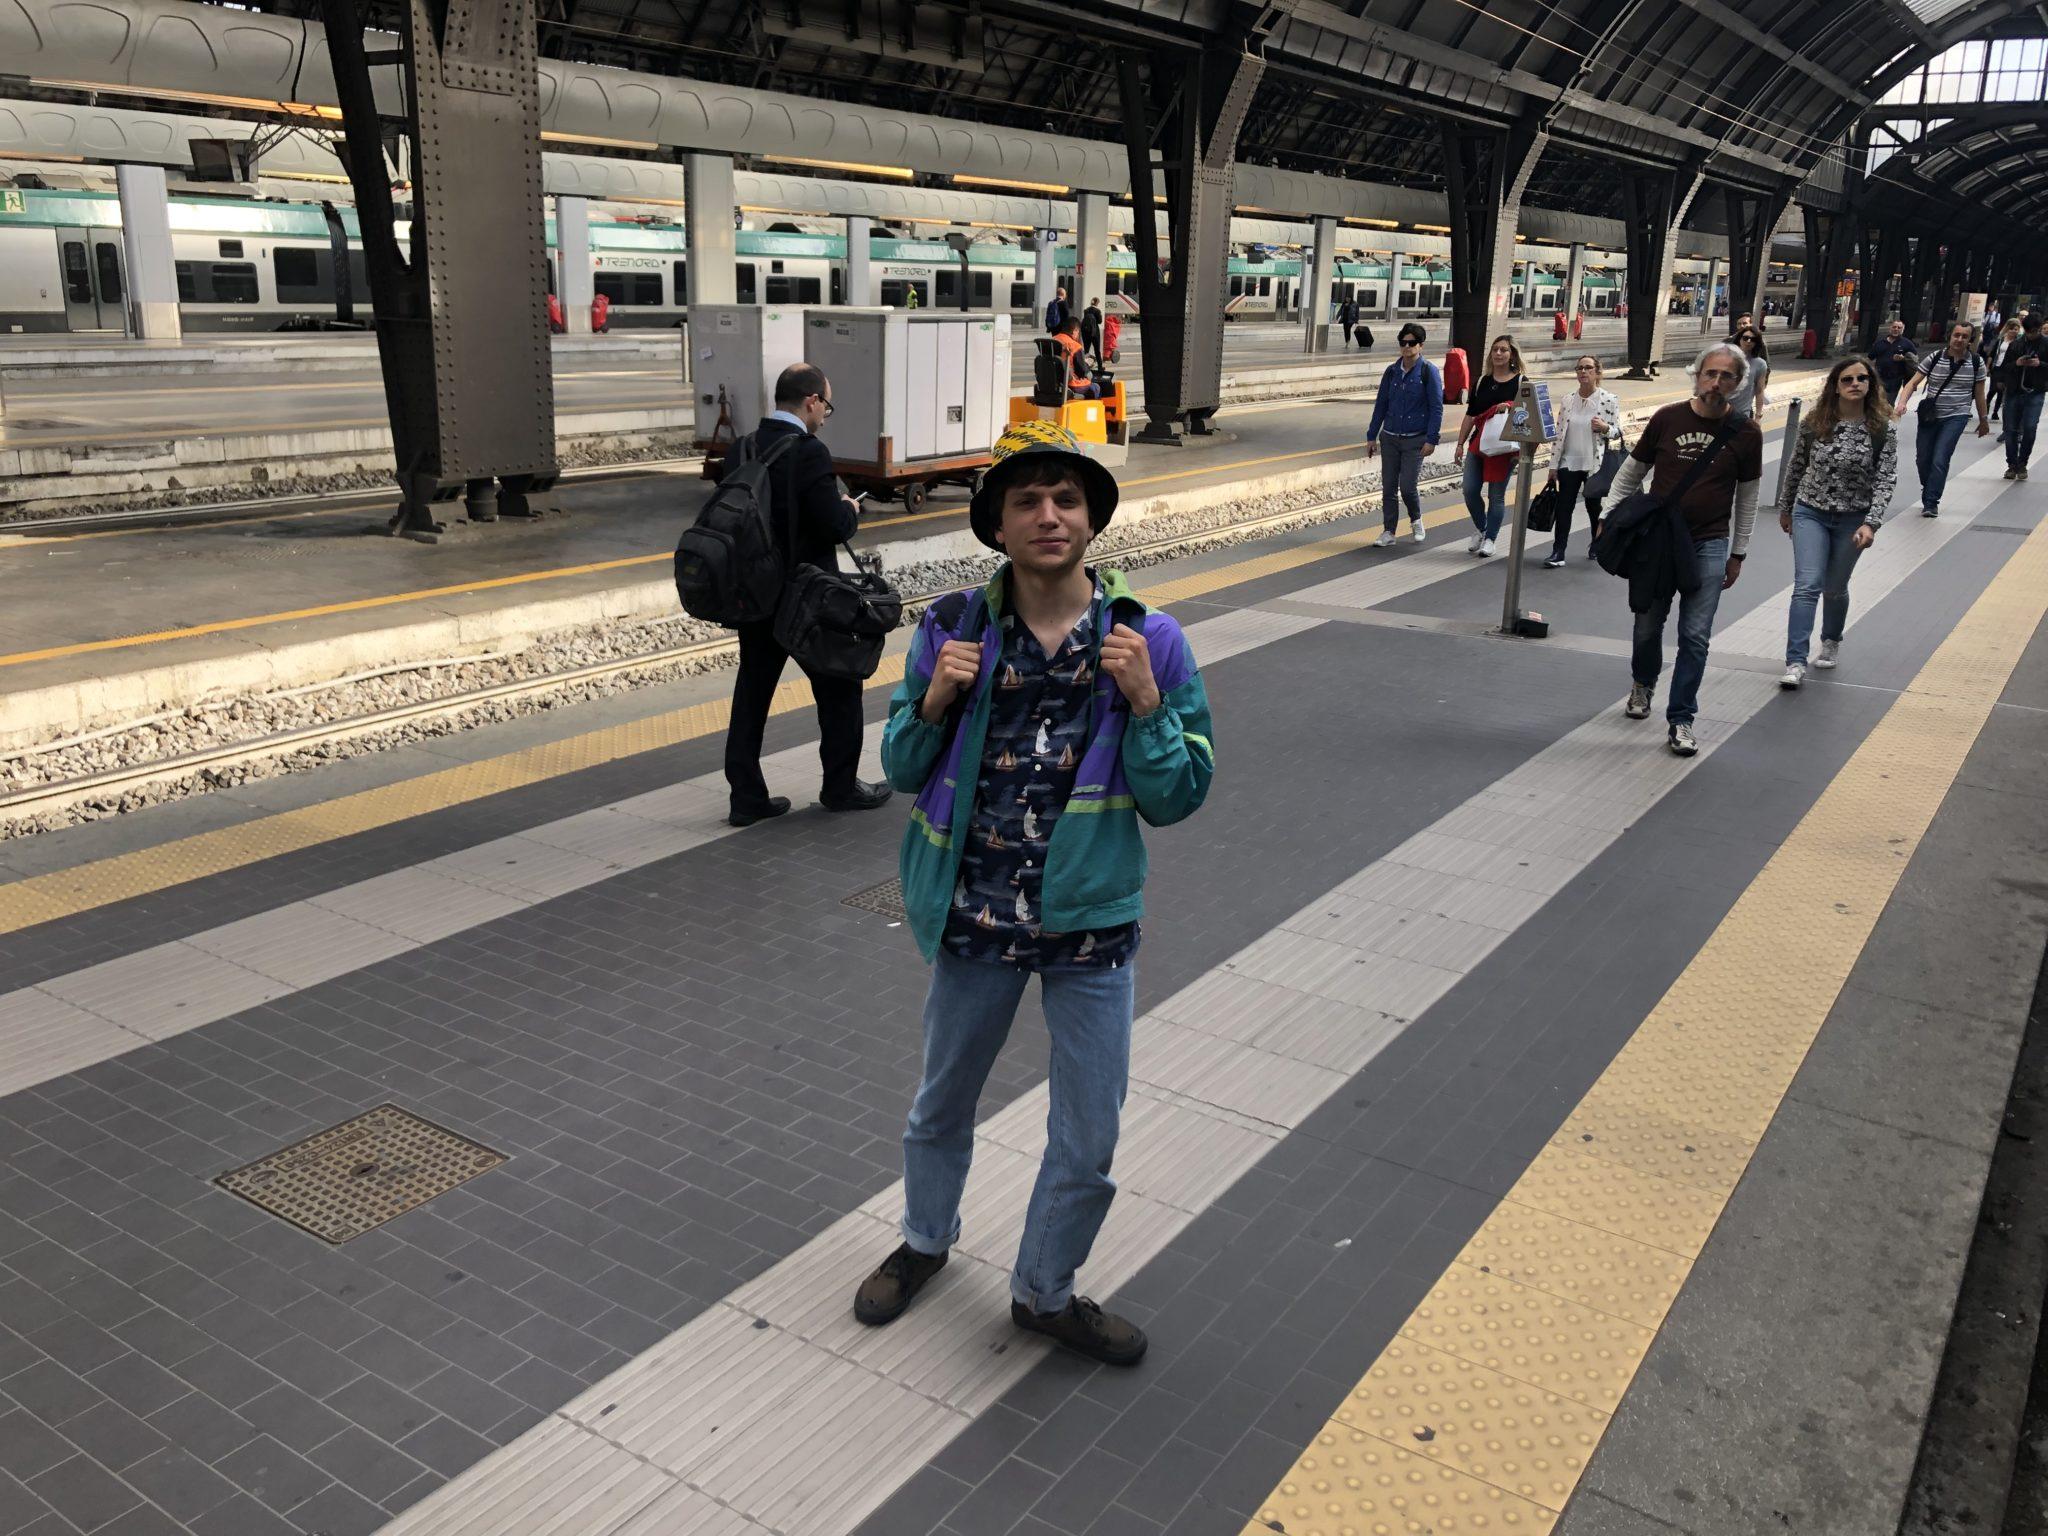 Un giorno di pioggia estiva a Lecco: giro della città con visita guidata dalla band Gli Occhi degli Altri, vita di provincia messa in musica